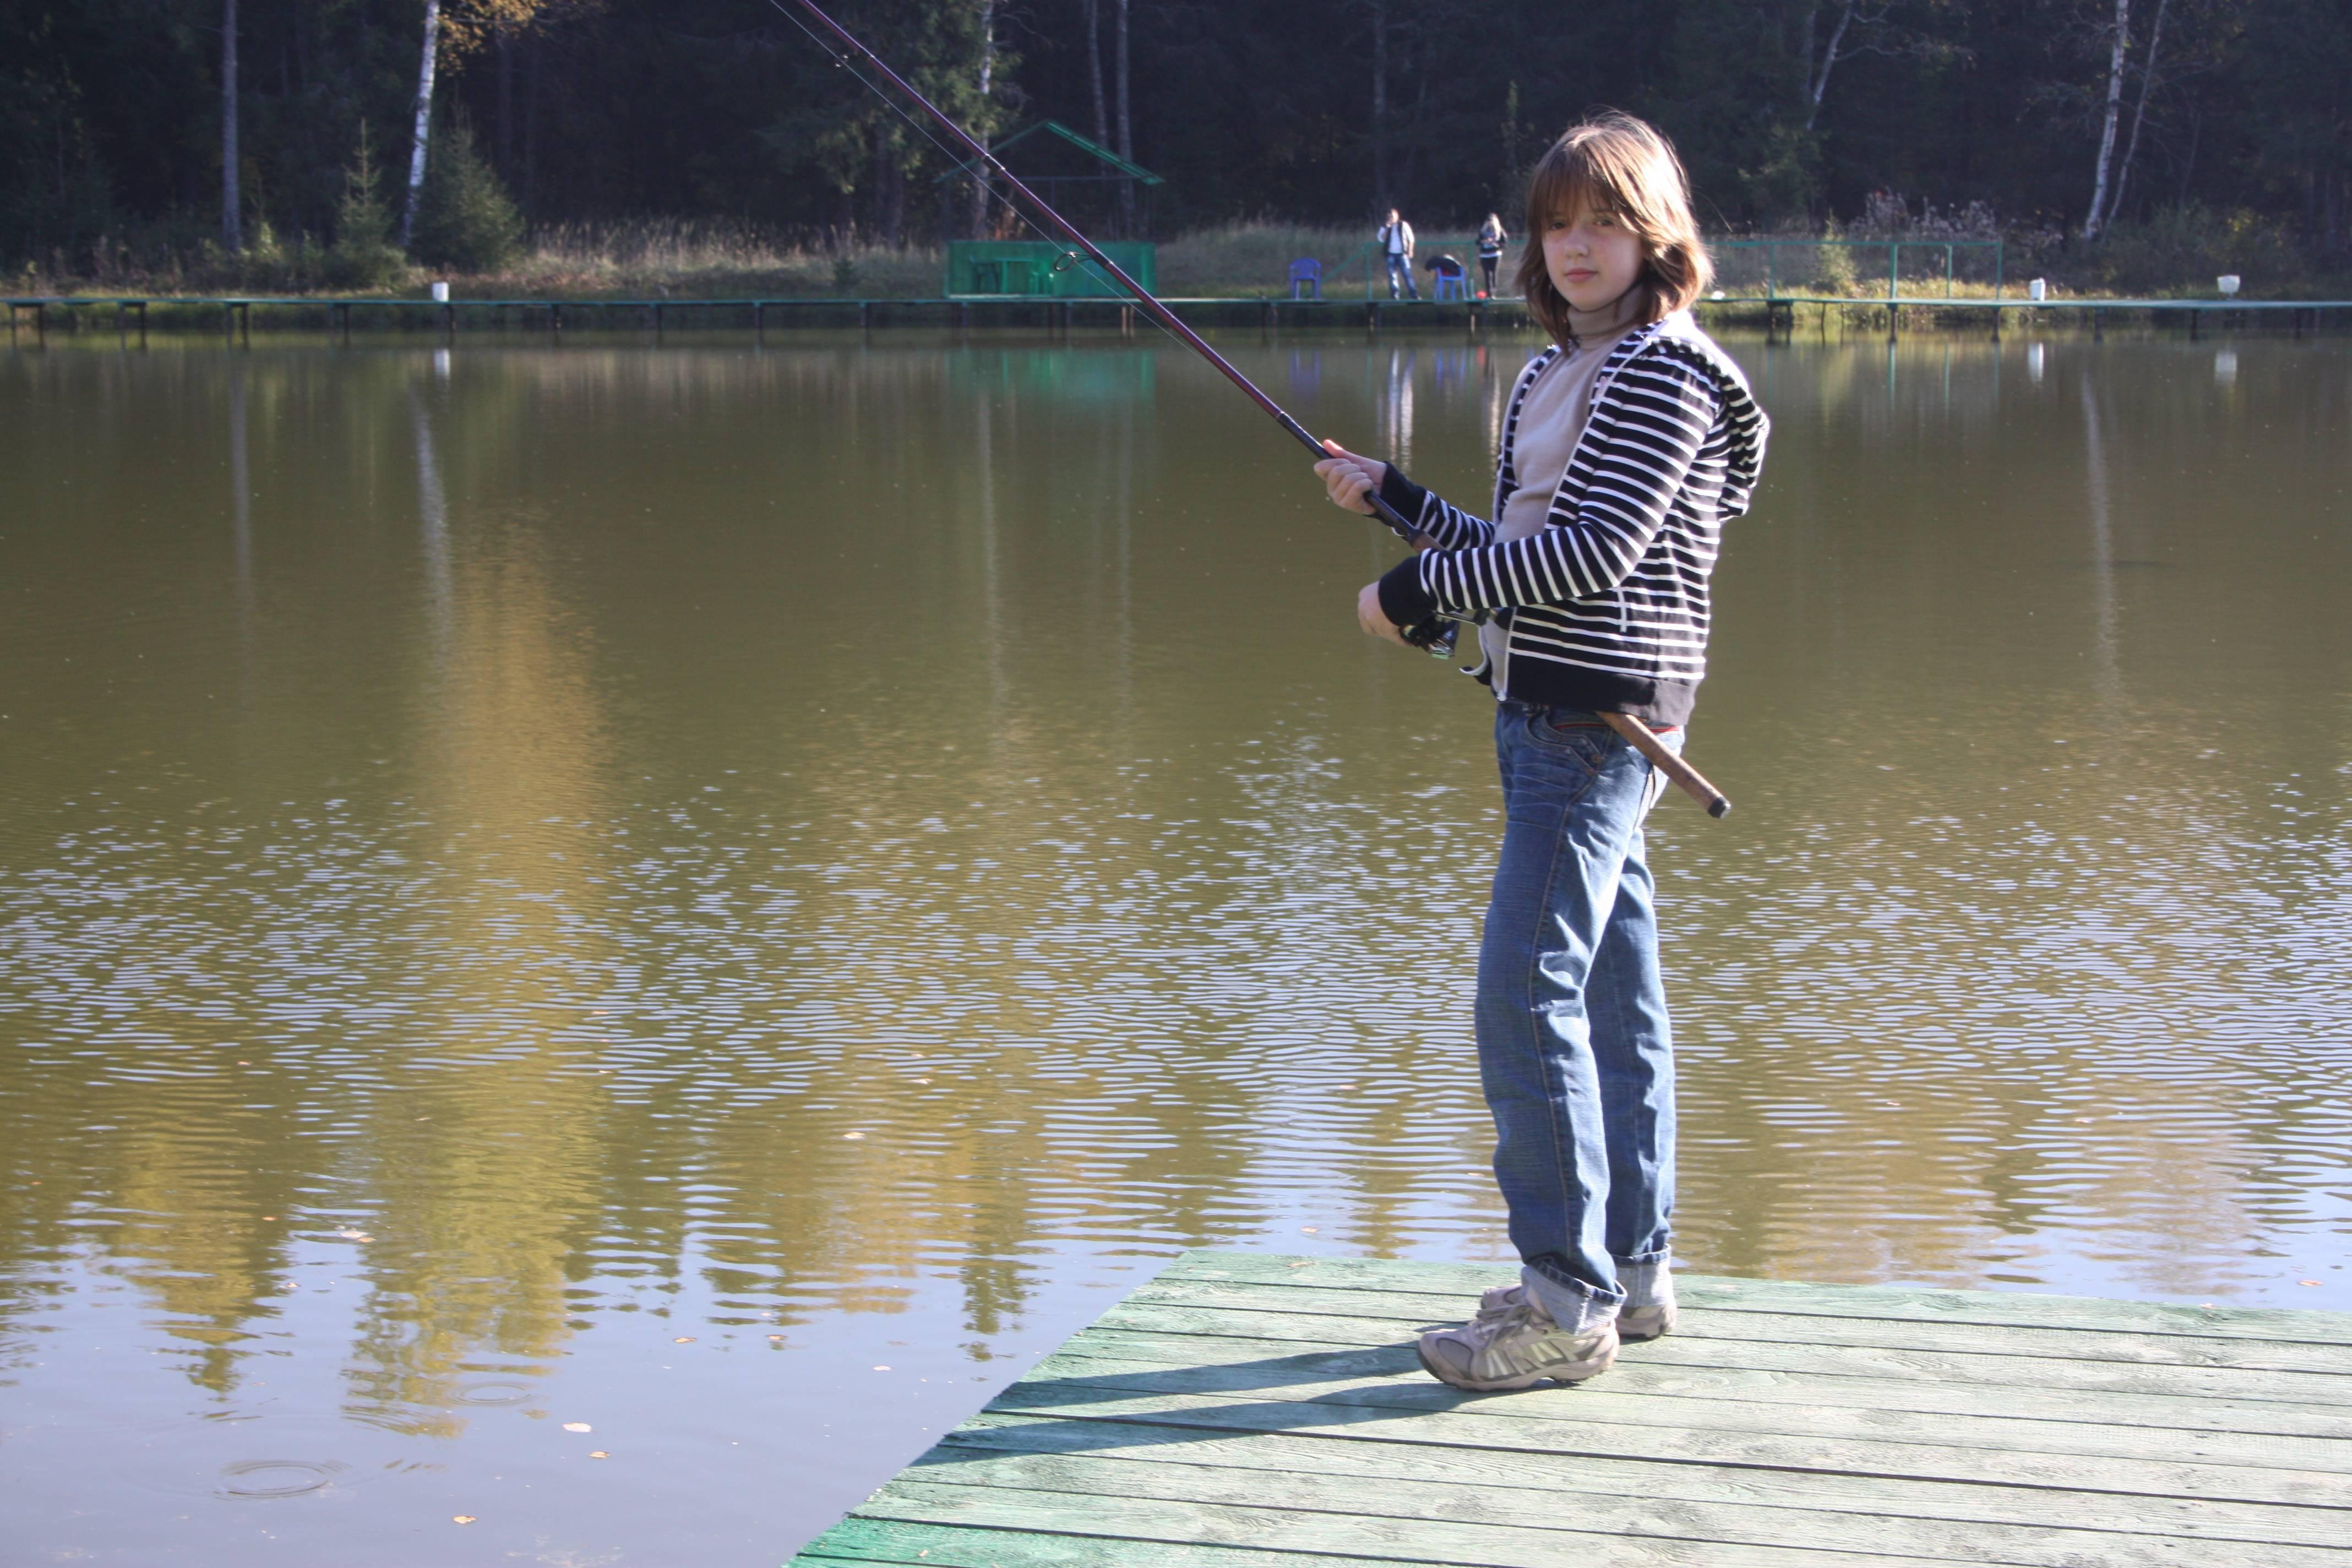 Платная рыбалка хомяково в сергиево-посадском районе: отзывы и контакты